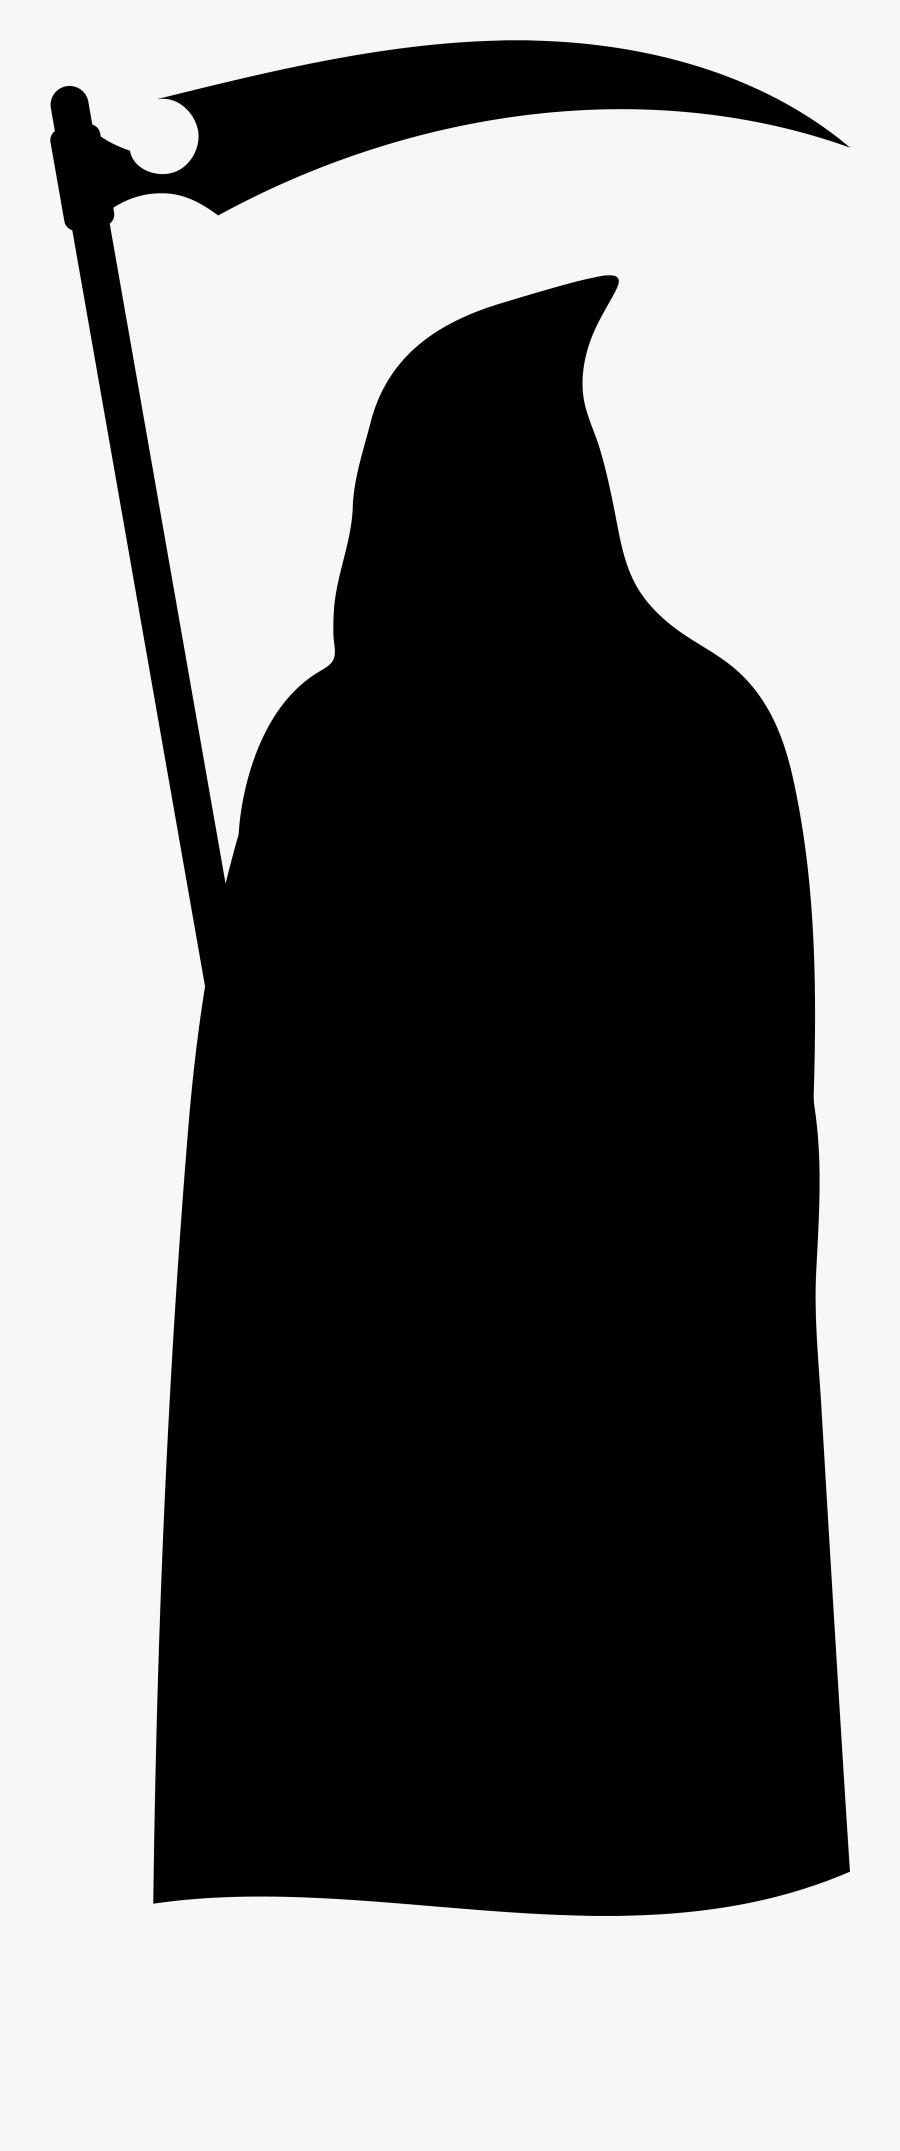 Grim Reaper Silhouette Png Clip Art Imageu200b Gallery - Grim Reaper Silhouette Png, Transparent Clipart